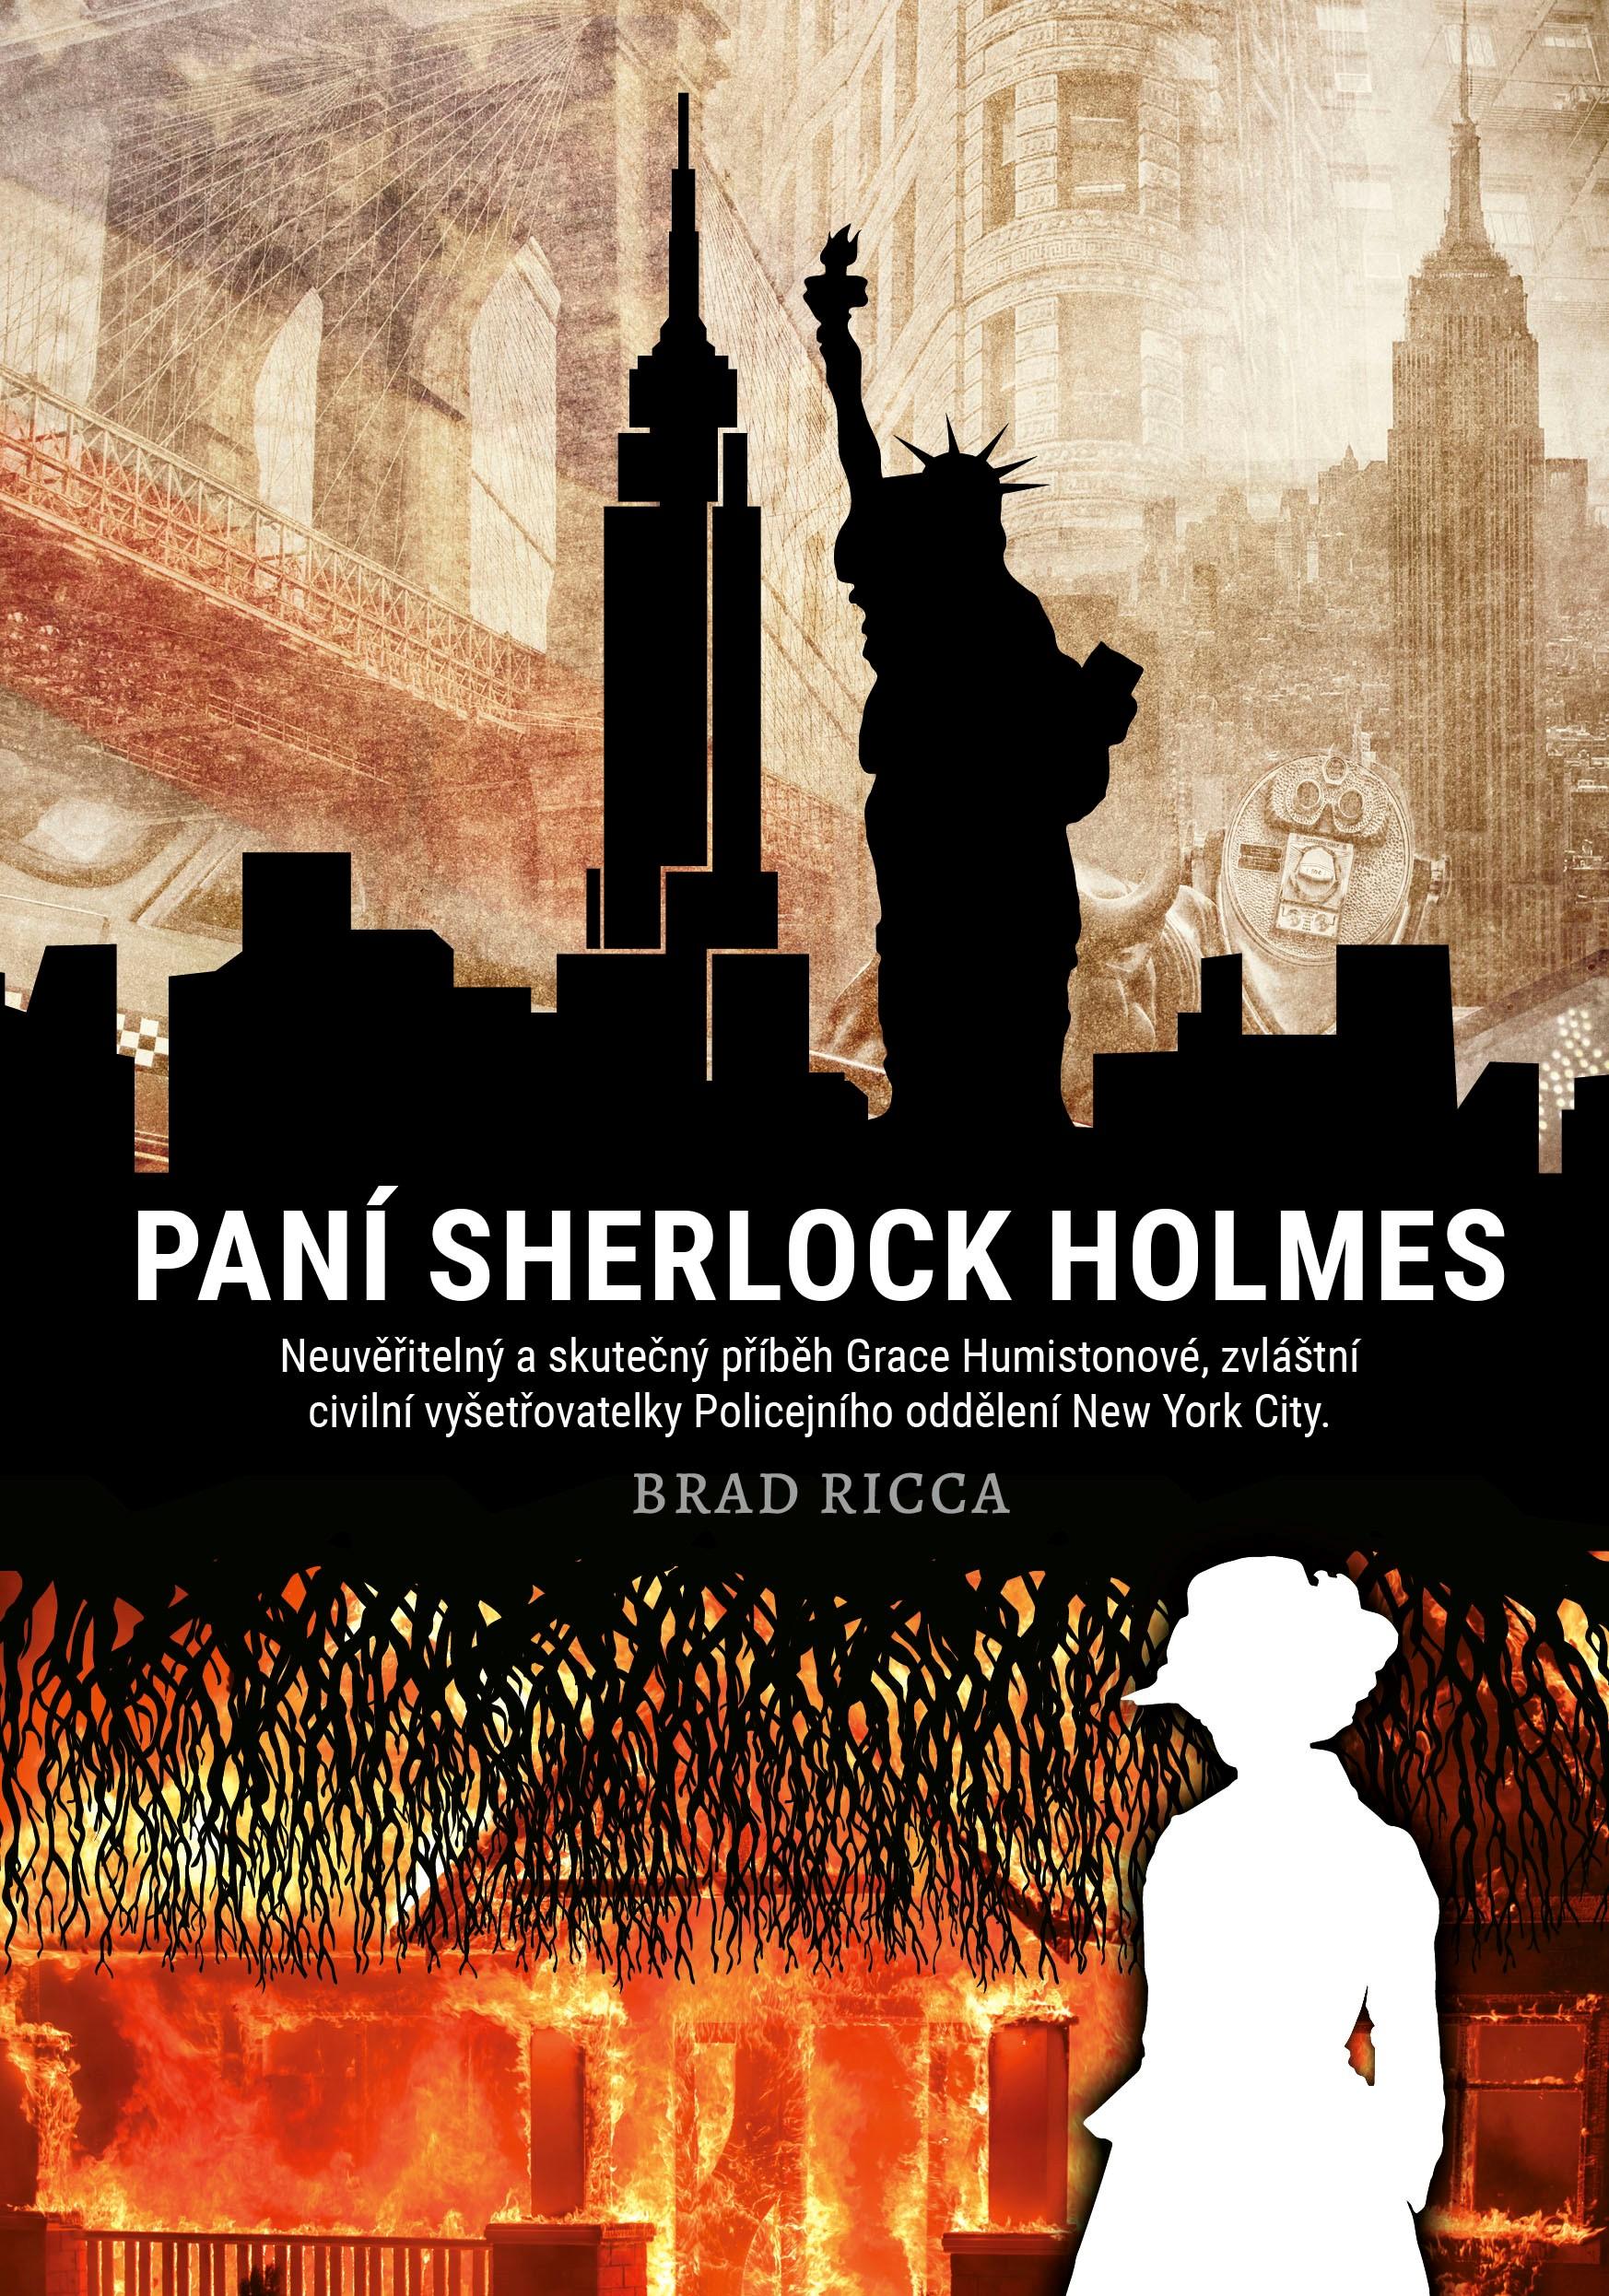 Paní Sherlock Holmes